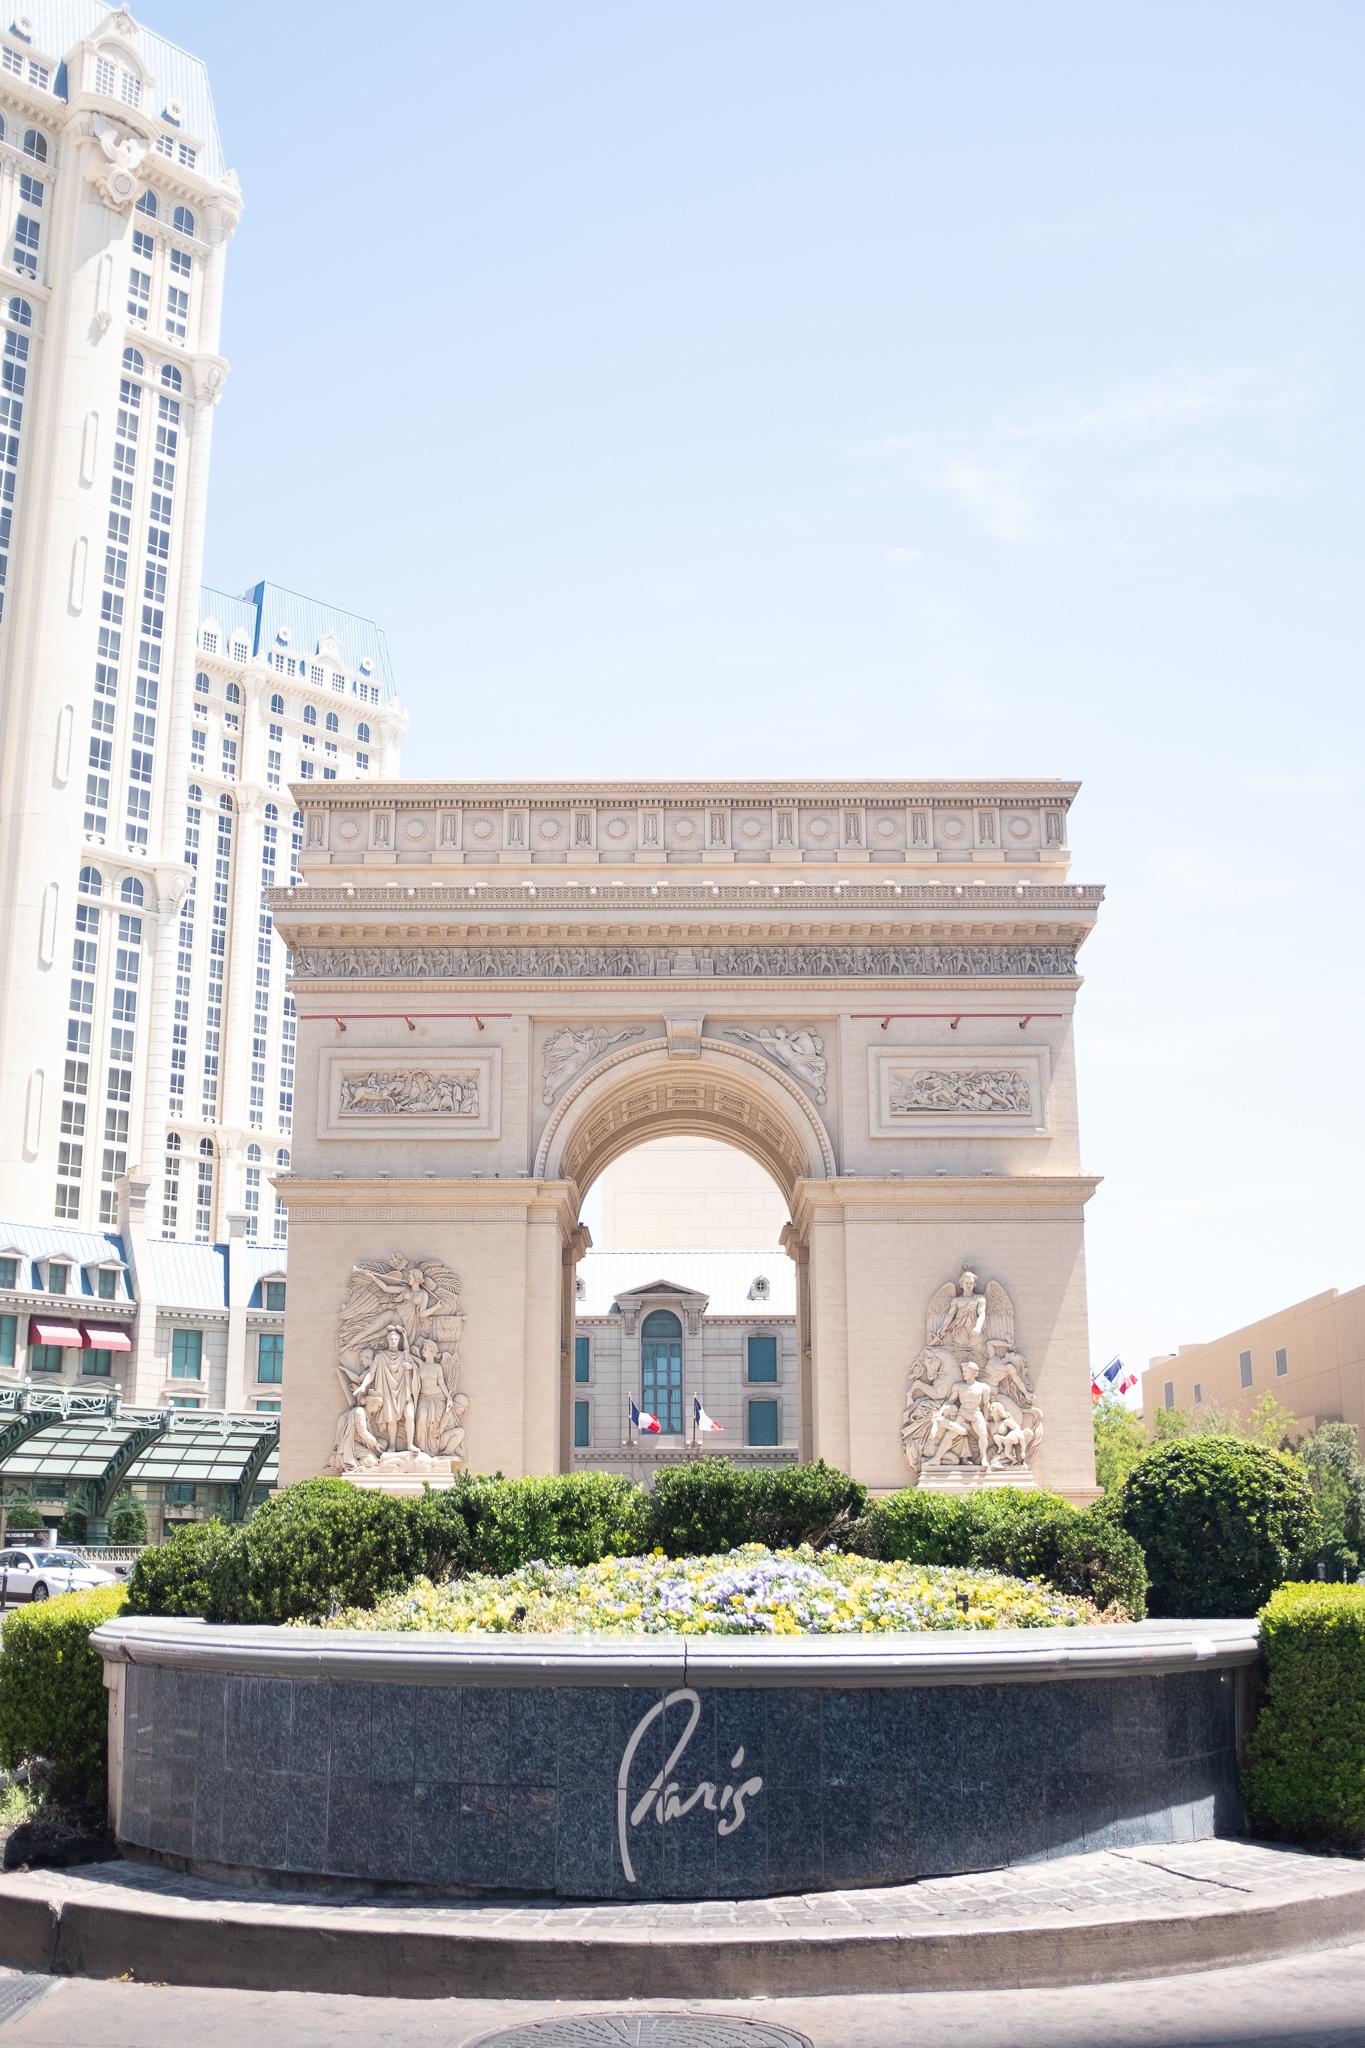 Next stop: Paris 🇫🇷